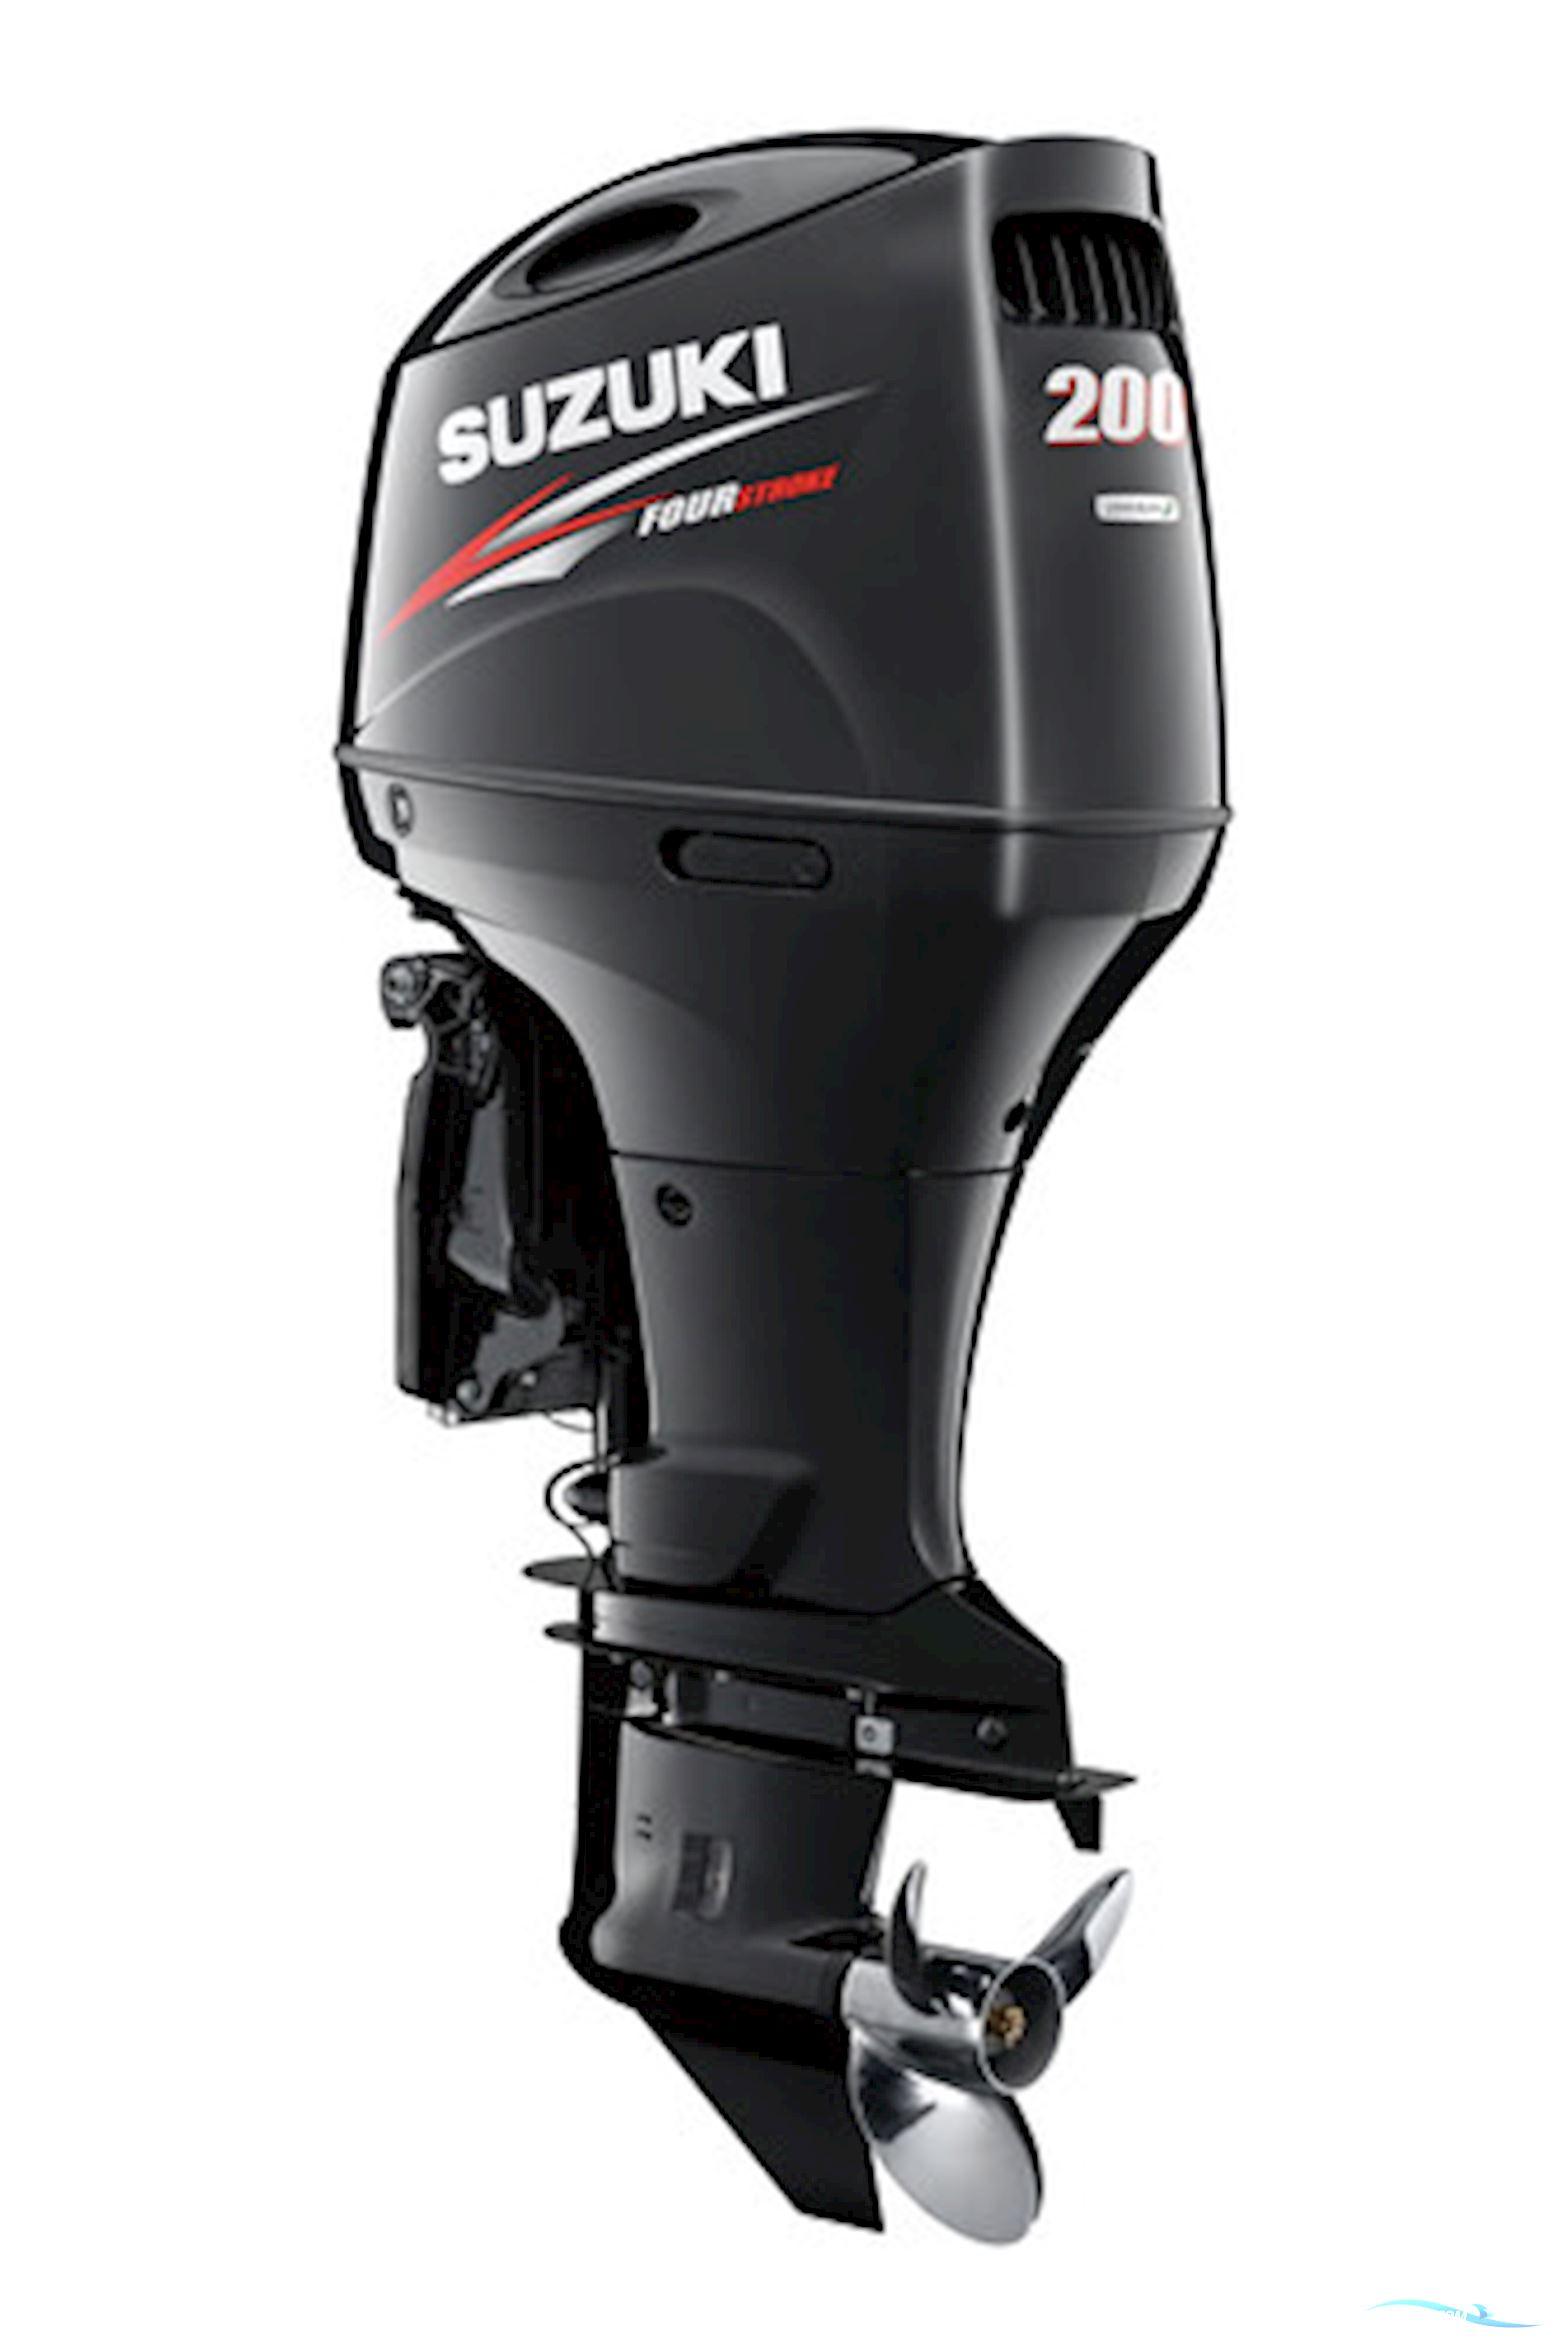 Suzuki DF200ATL